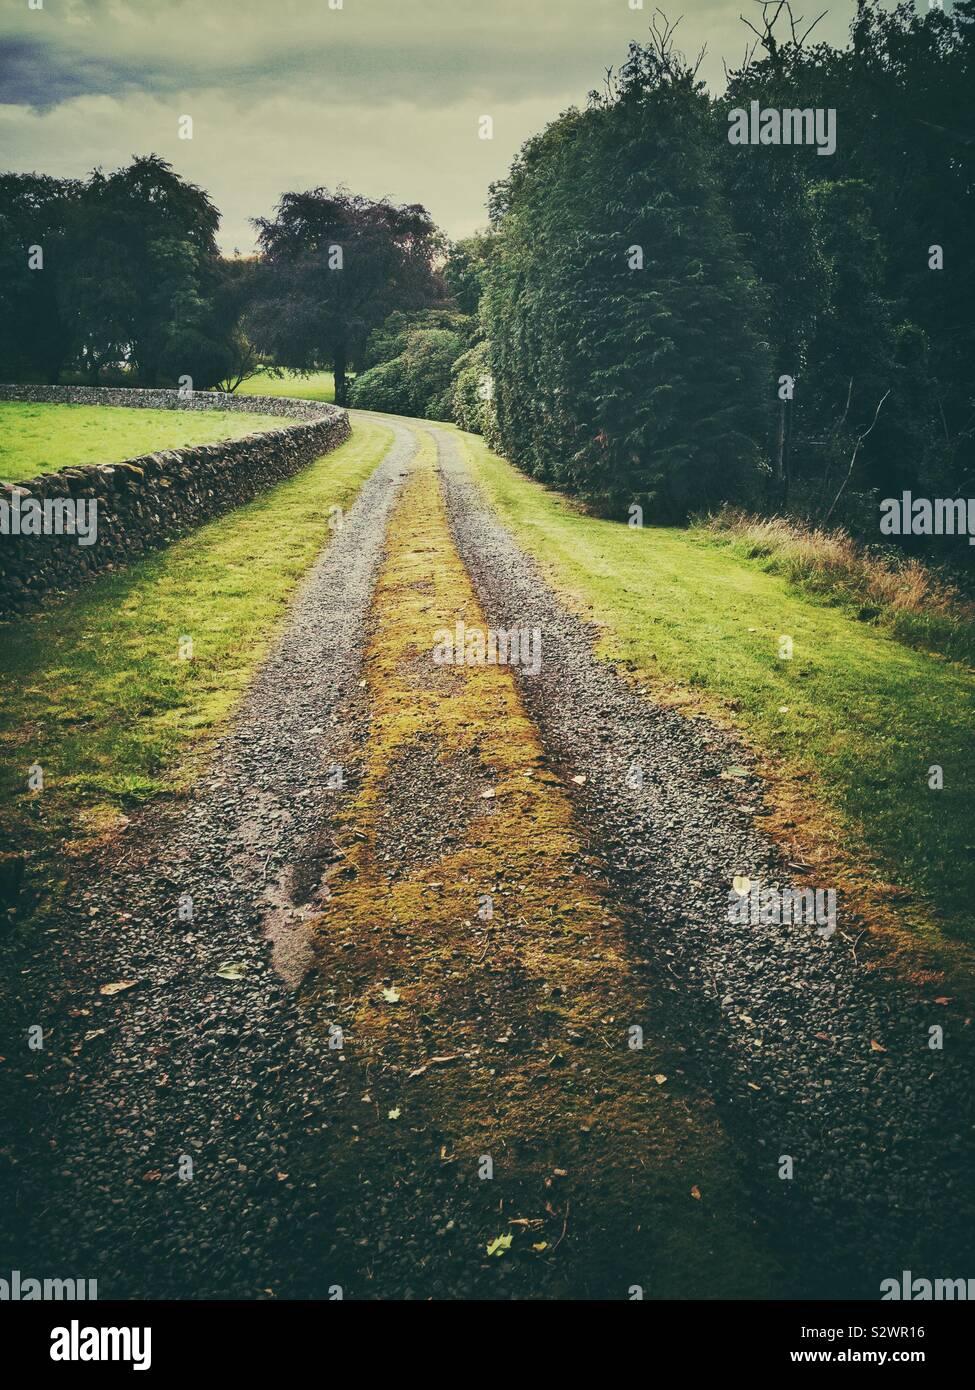 Vía carretera en campo. Foto de stock